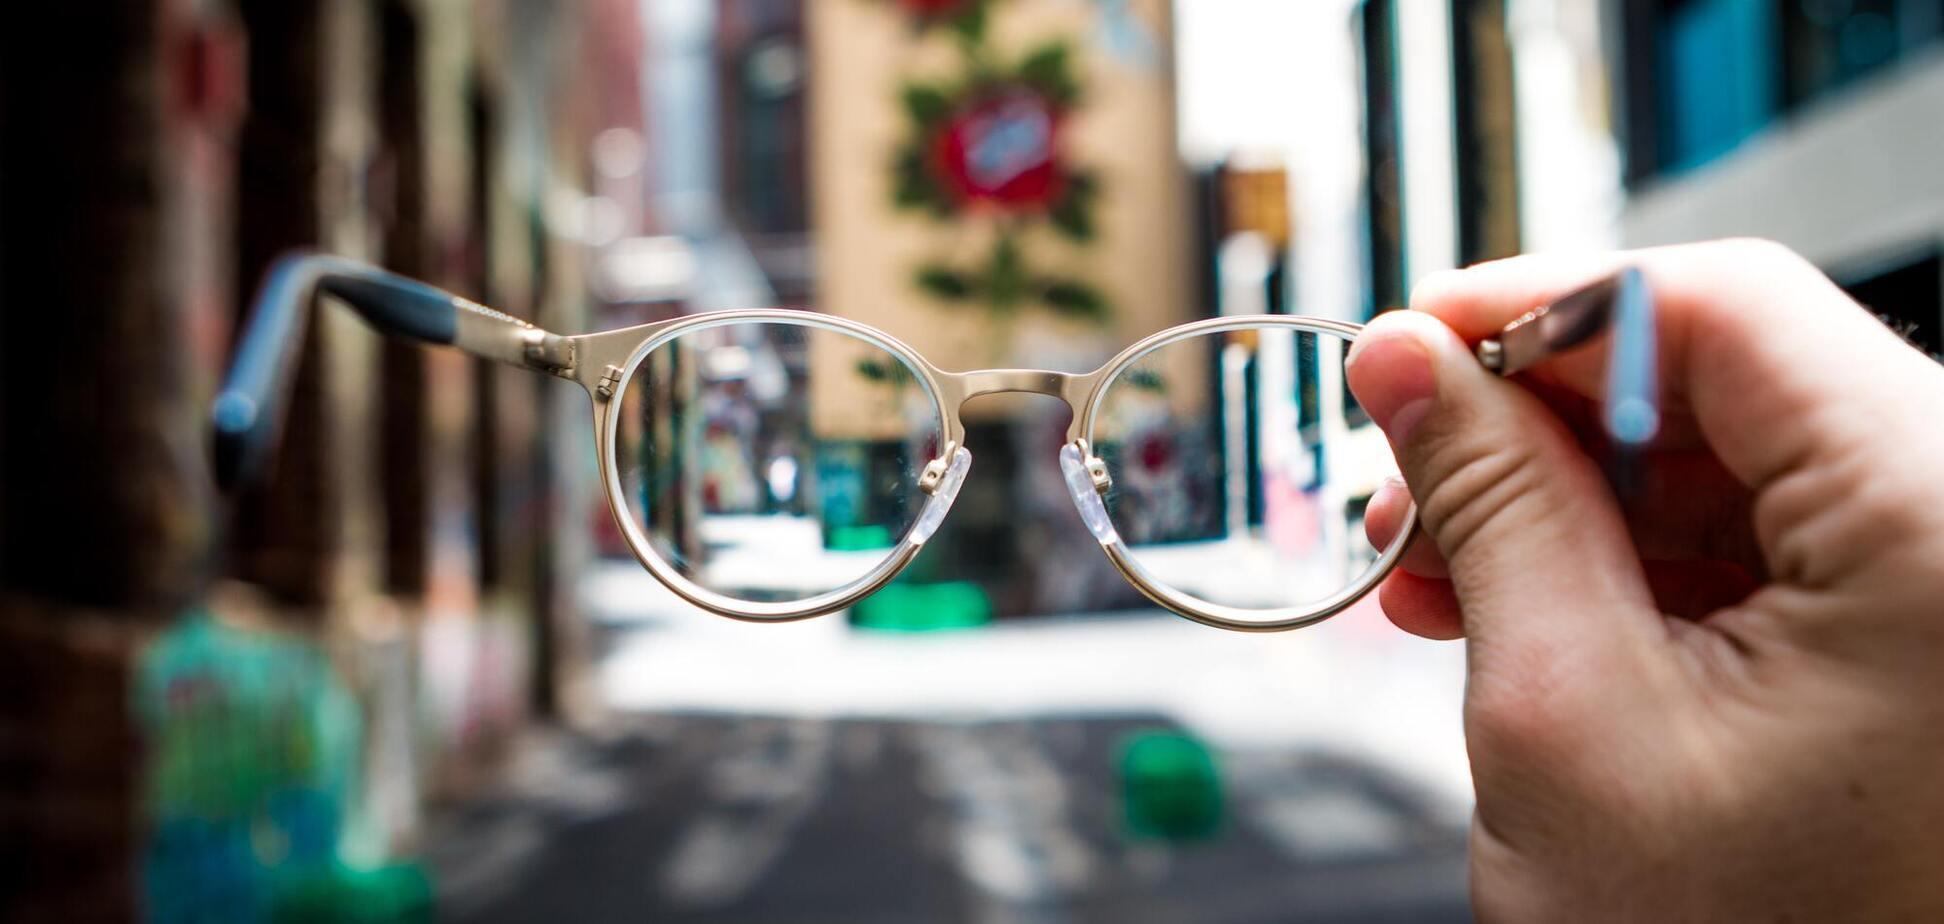 Международный день слепых отмечается 13 ноября